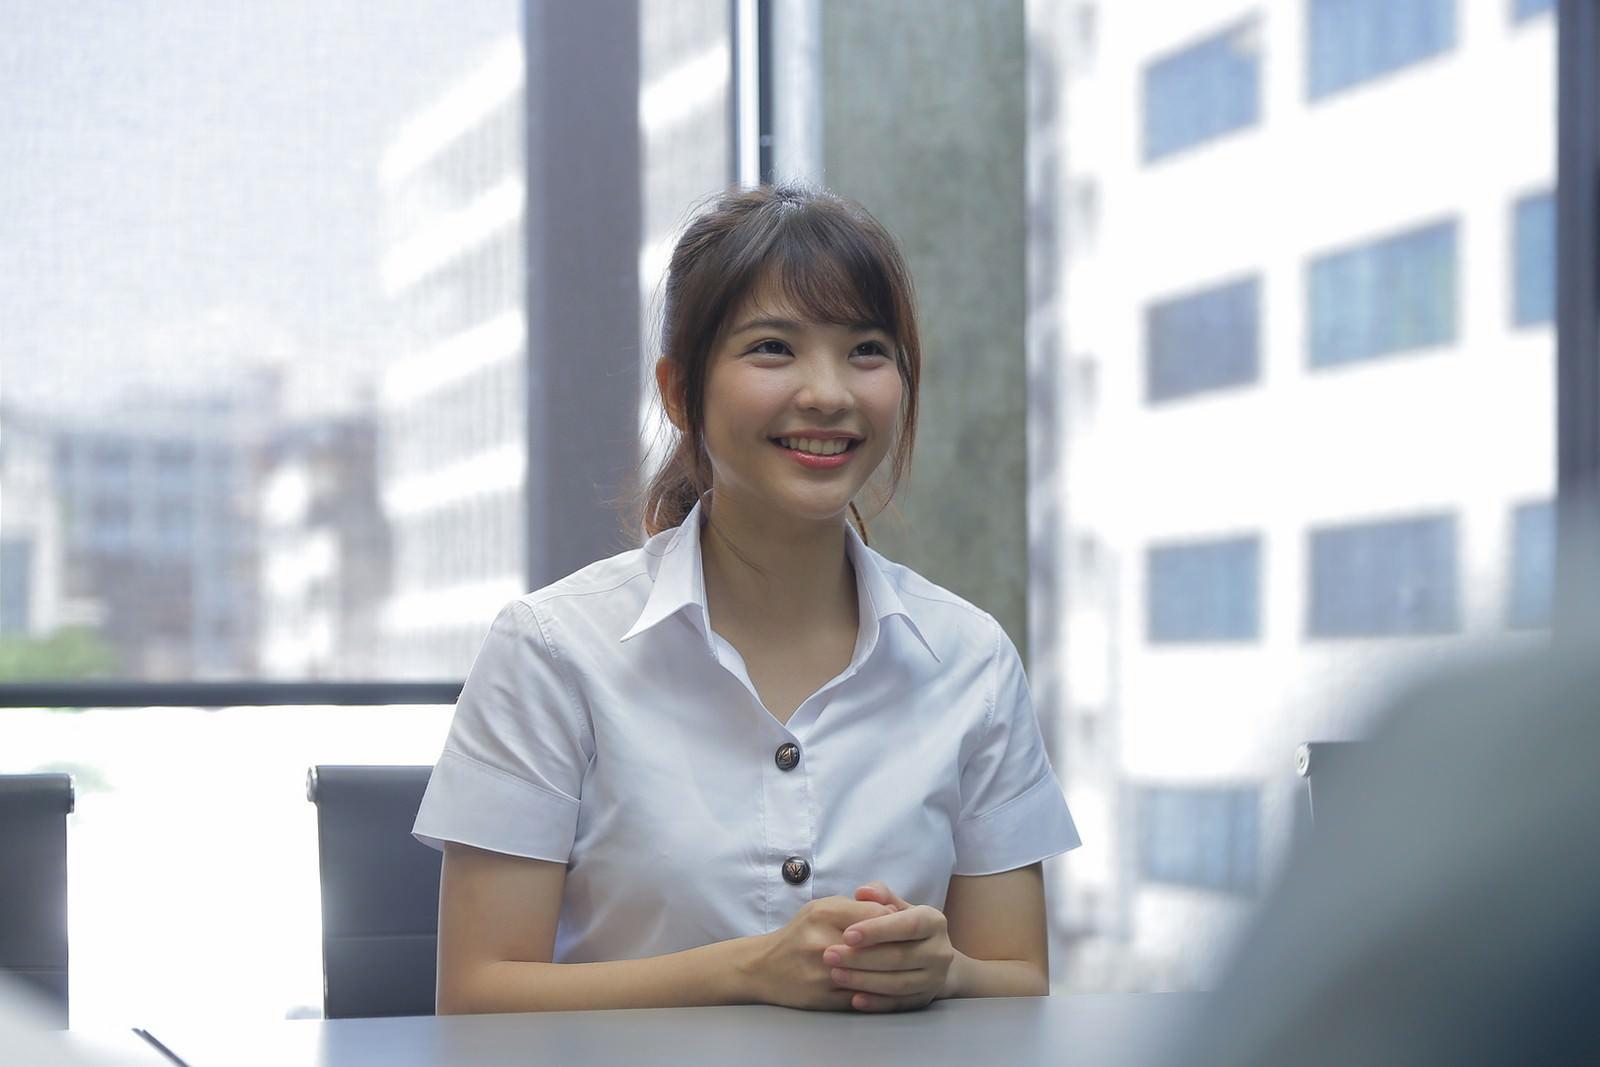 Movie, แอปชนแอป(泰國, 2018年) / 交友網戰(台灣) / App War(英文), 電影角色與演員介紹